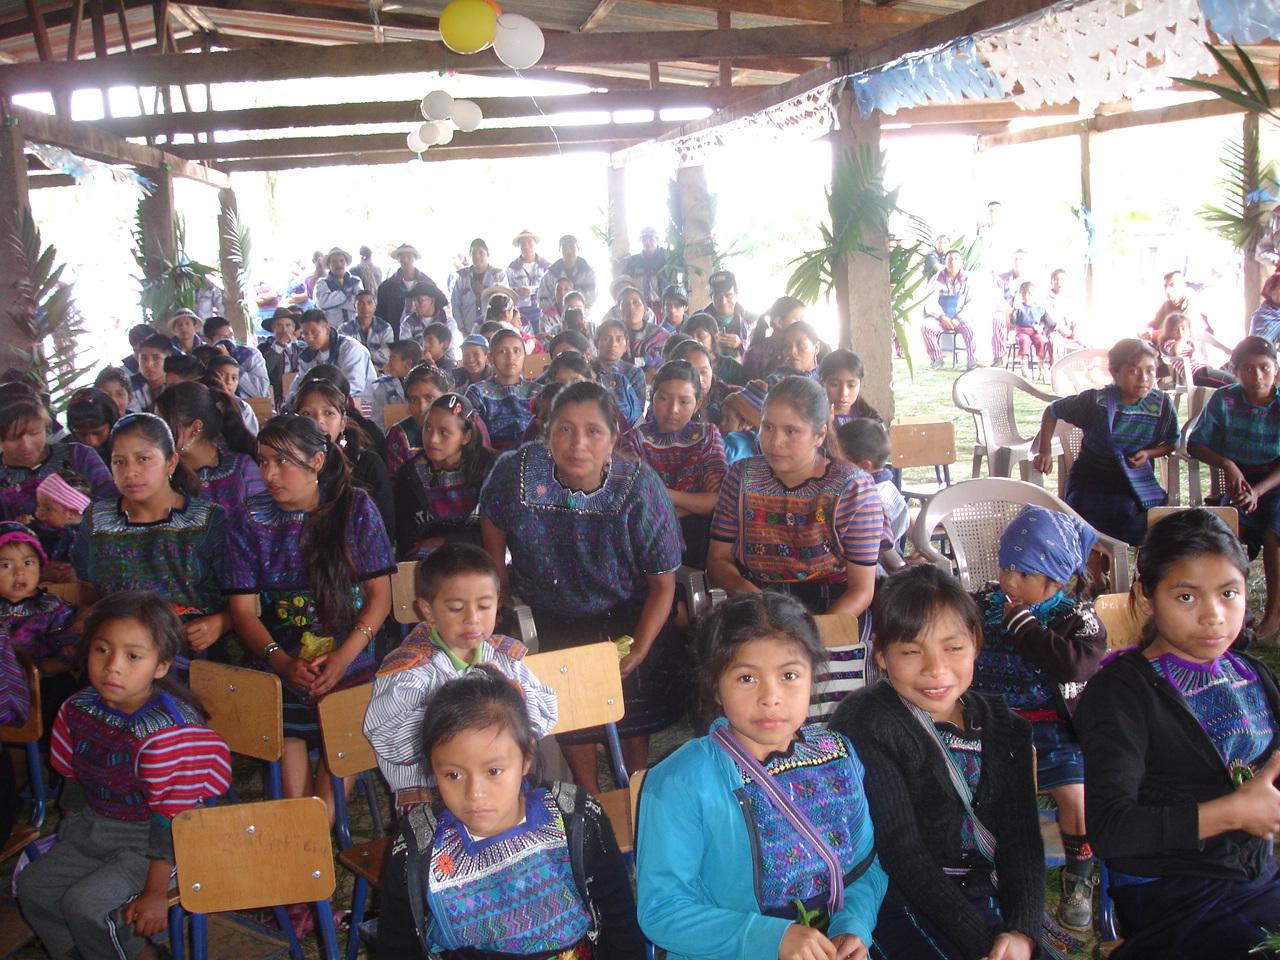 Comunidad Chanchimil,Todos Santos Cuchumatán, Huehuetgo. Guatemala